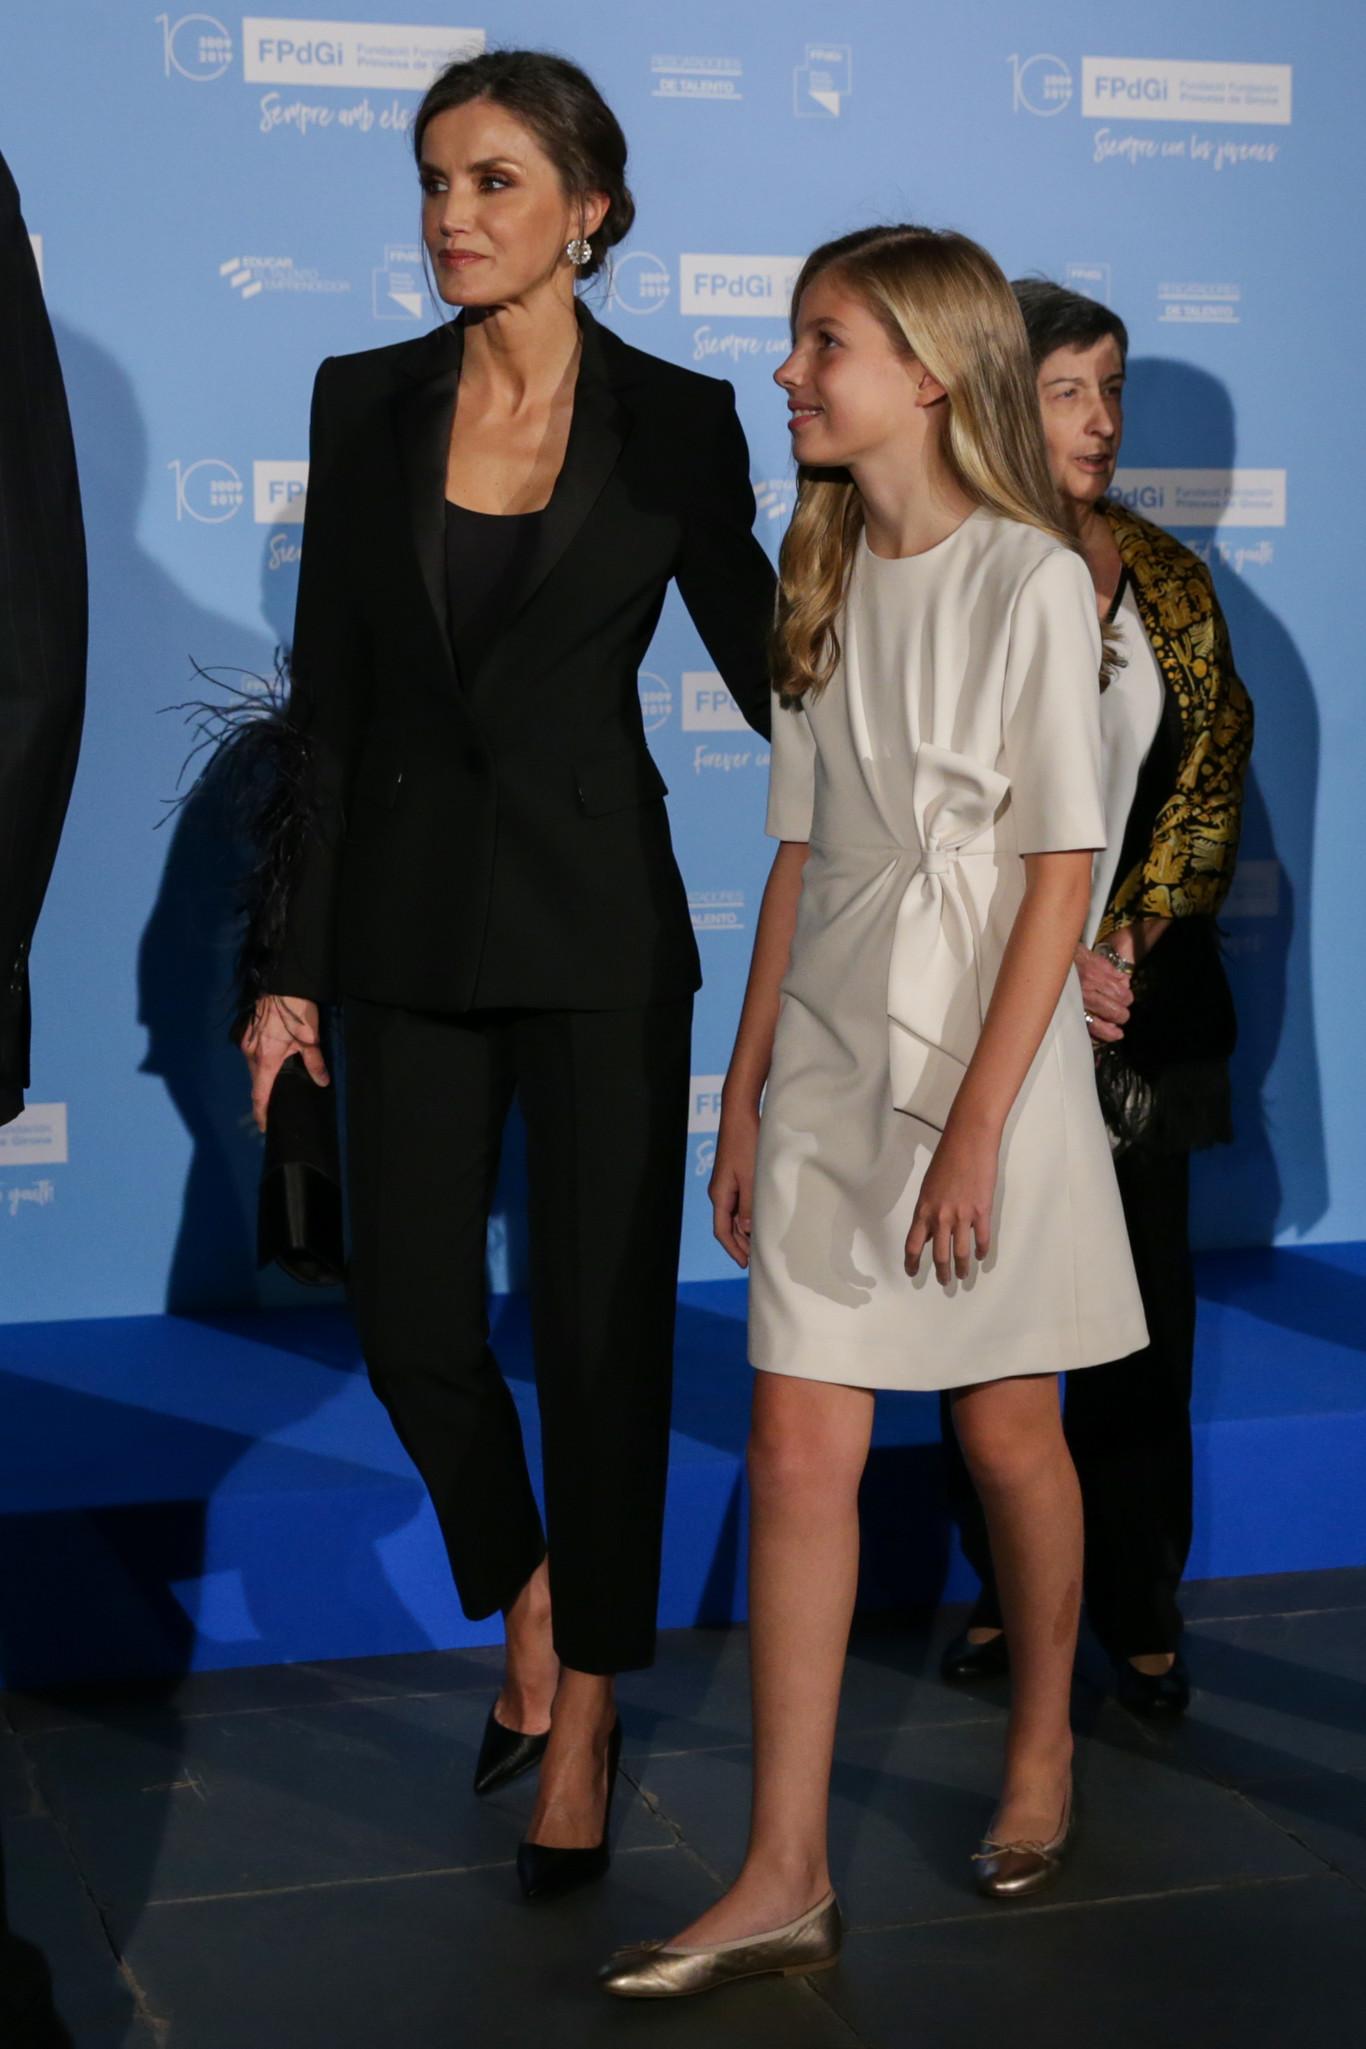 La reina Letizia reinventa el esmoquien con un espectacular Pertegaz de plumas